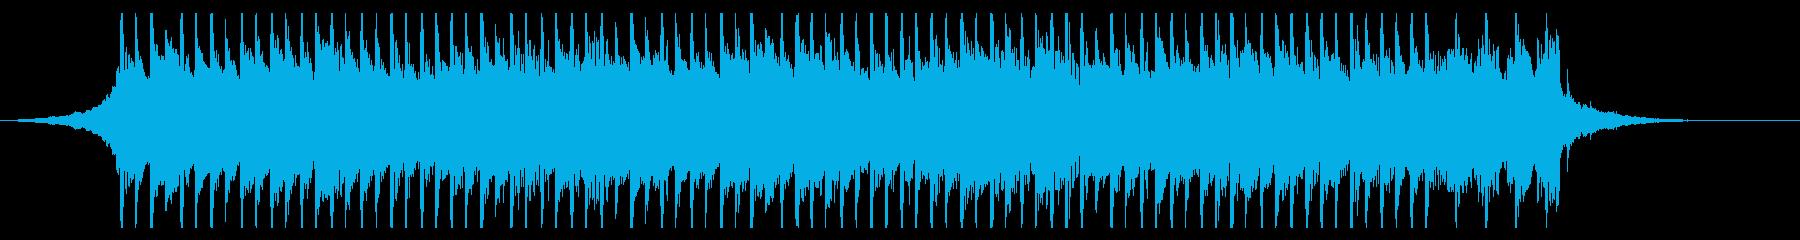 ポジティブコーポレート(30秒)の再生済みの波形